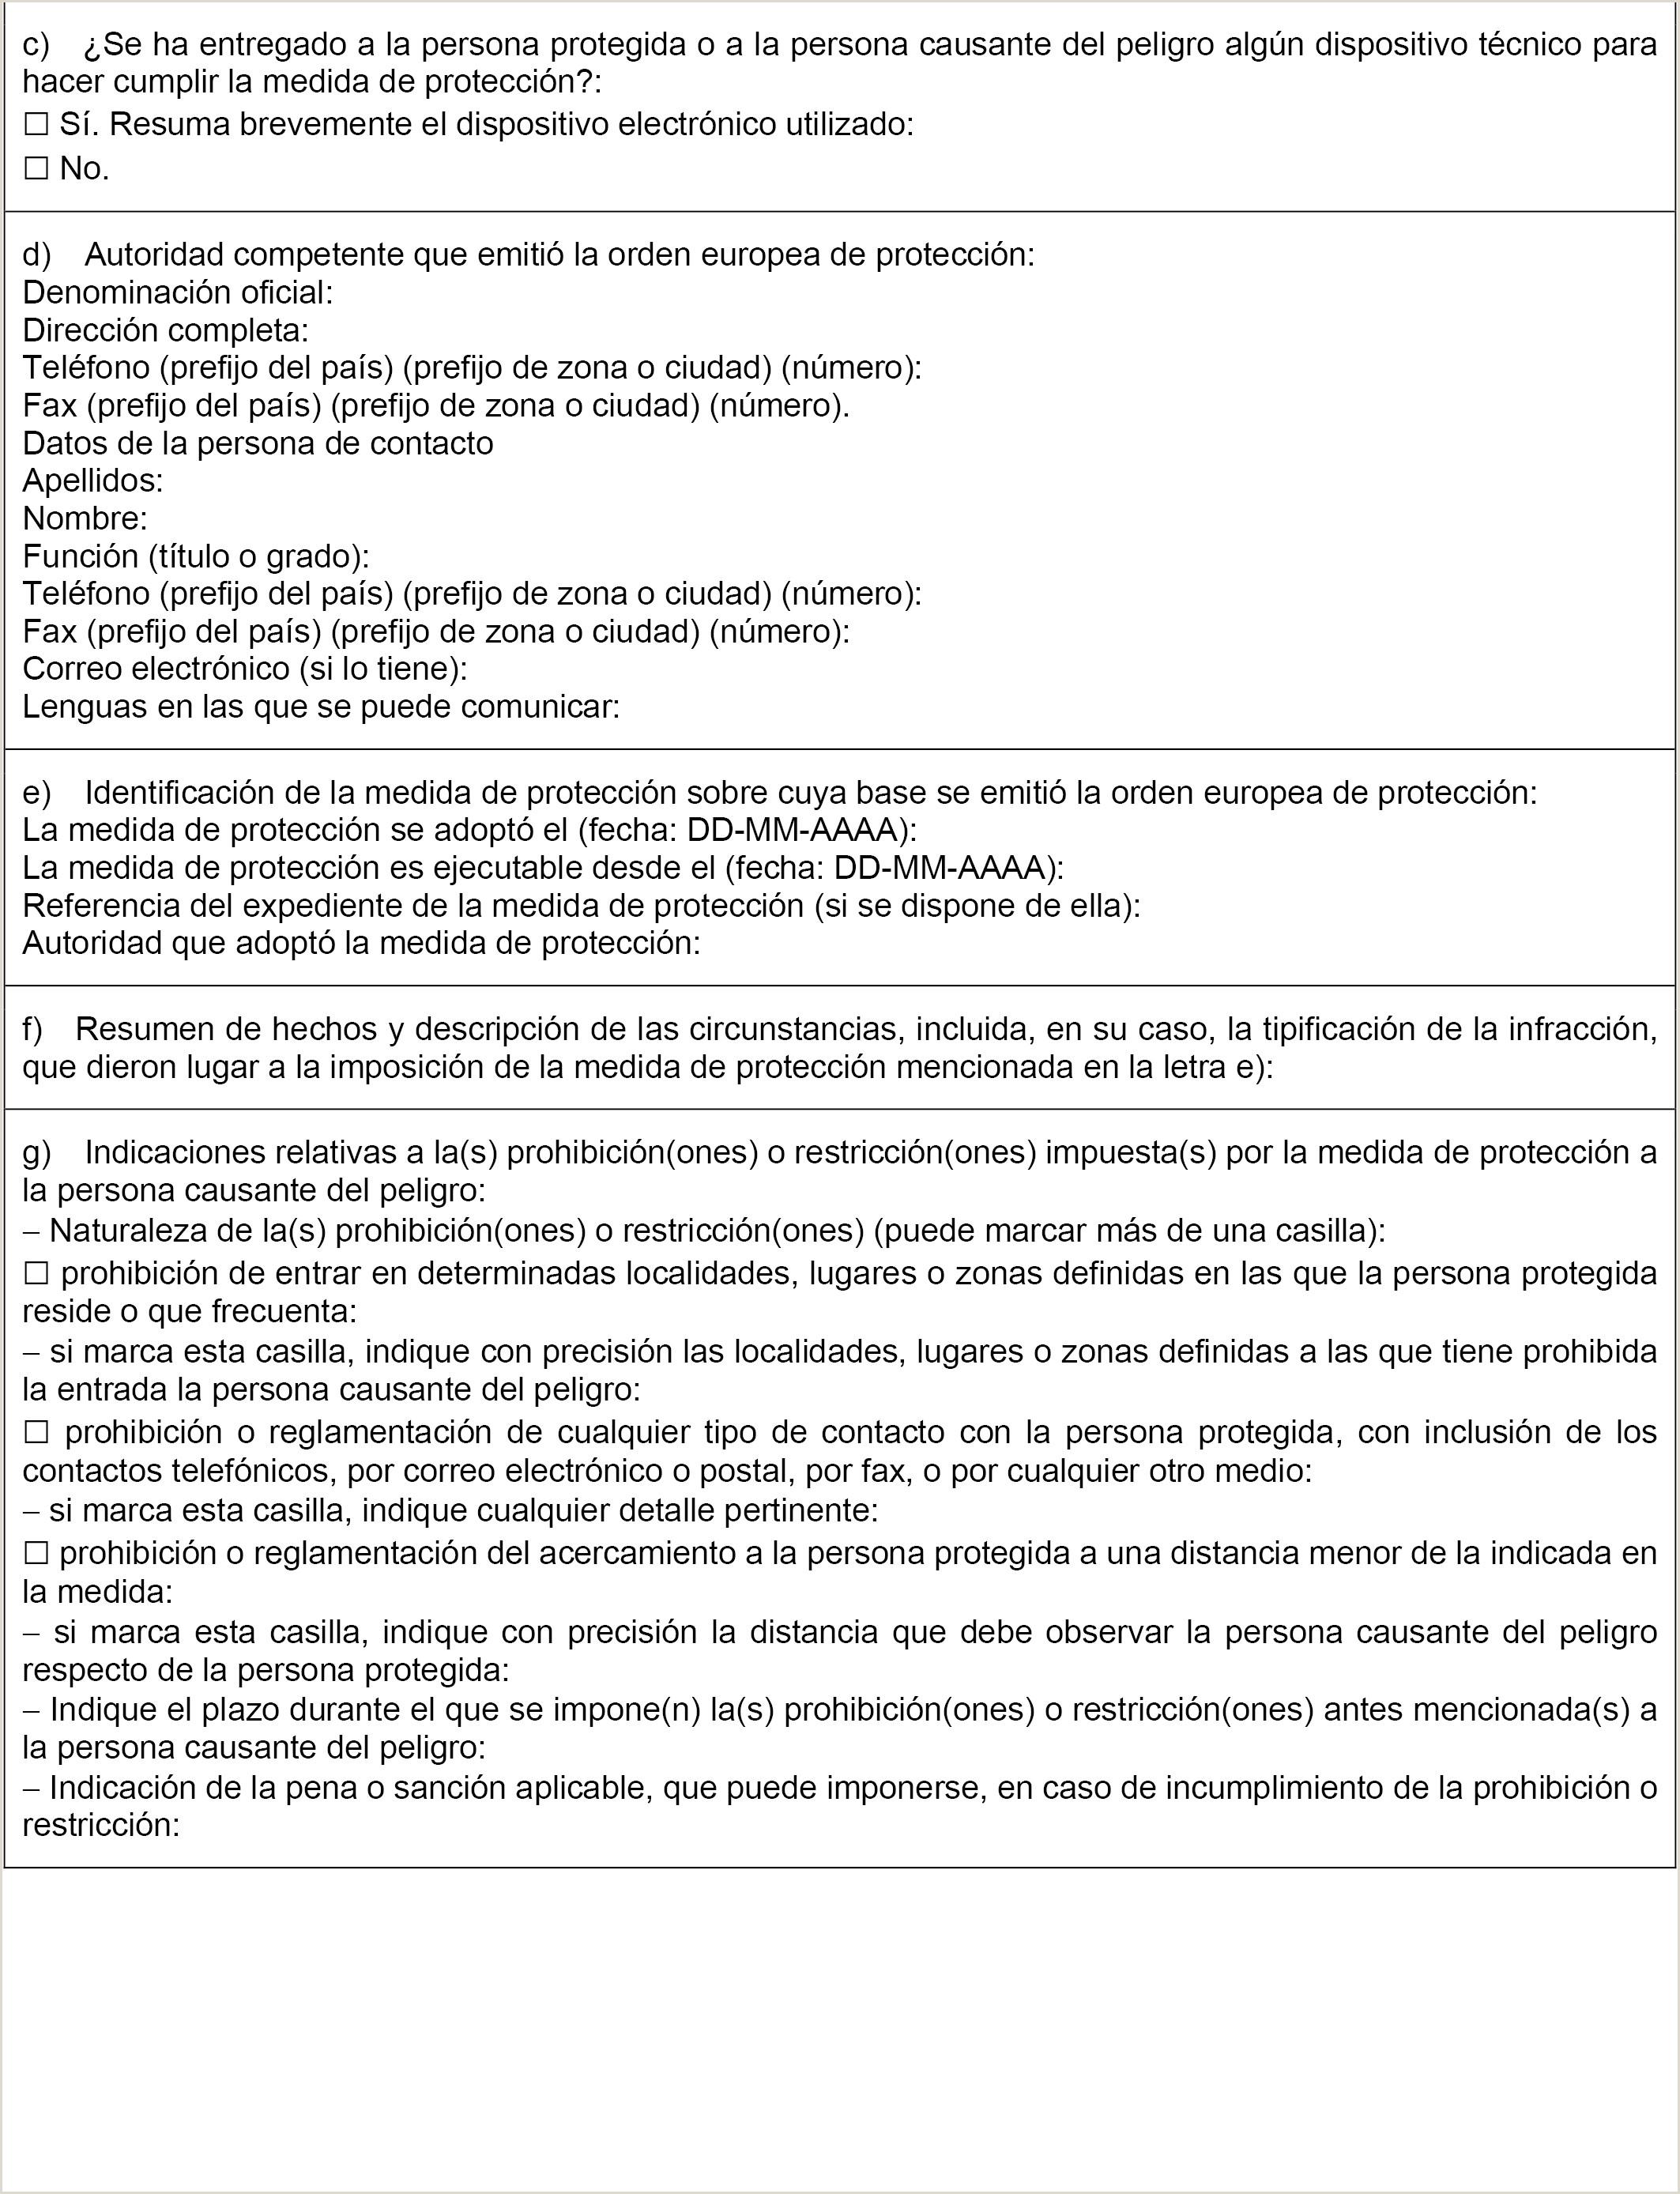 Formato Unico Hoja De Vida Persona Natural Ley 190 Boe Documento Consolidado Boe A 2014